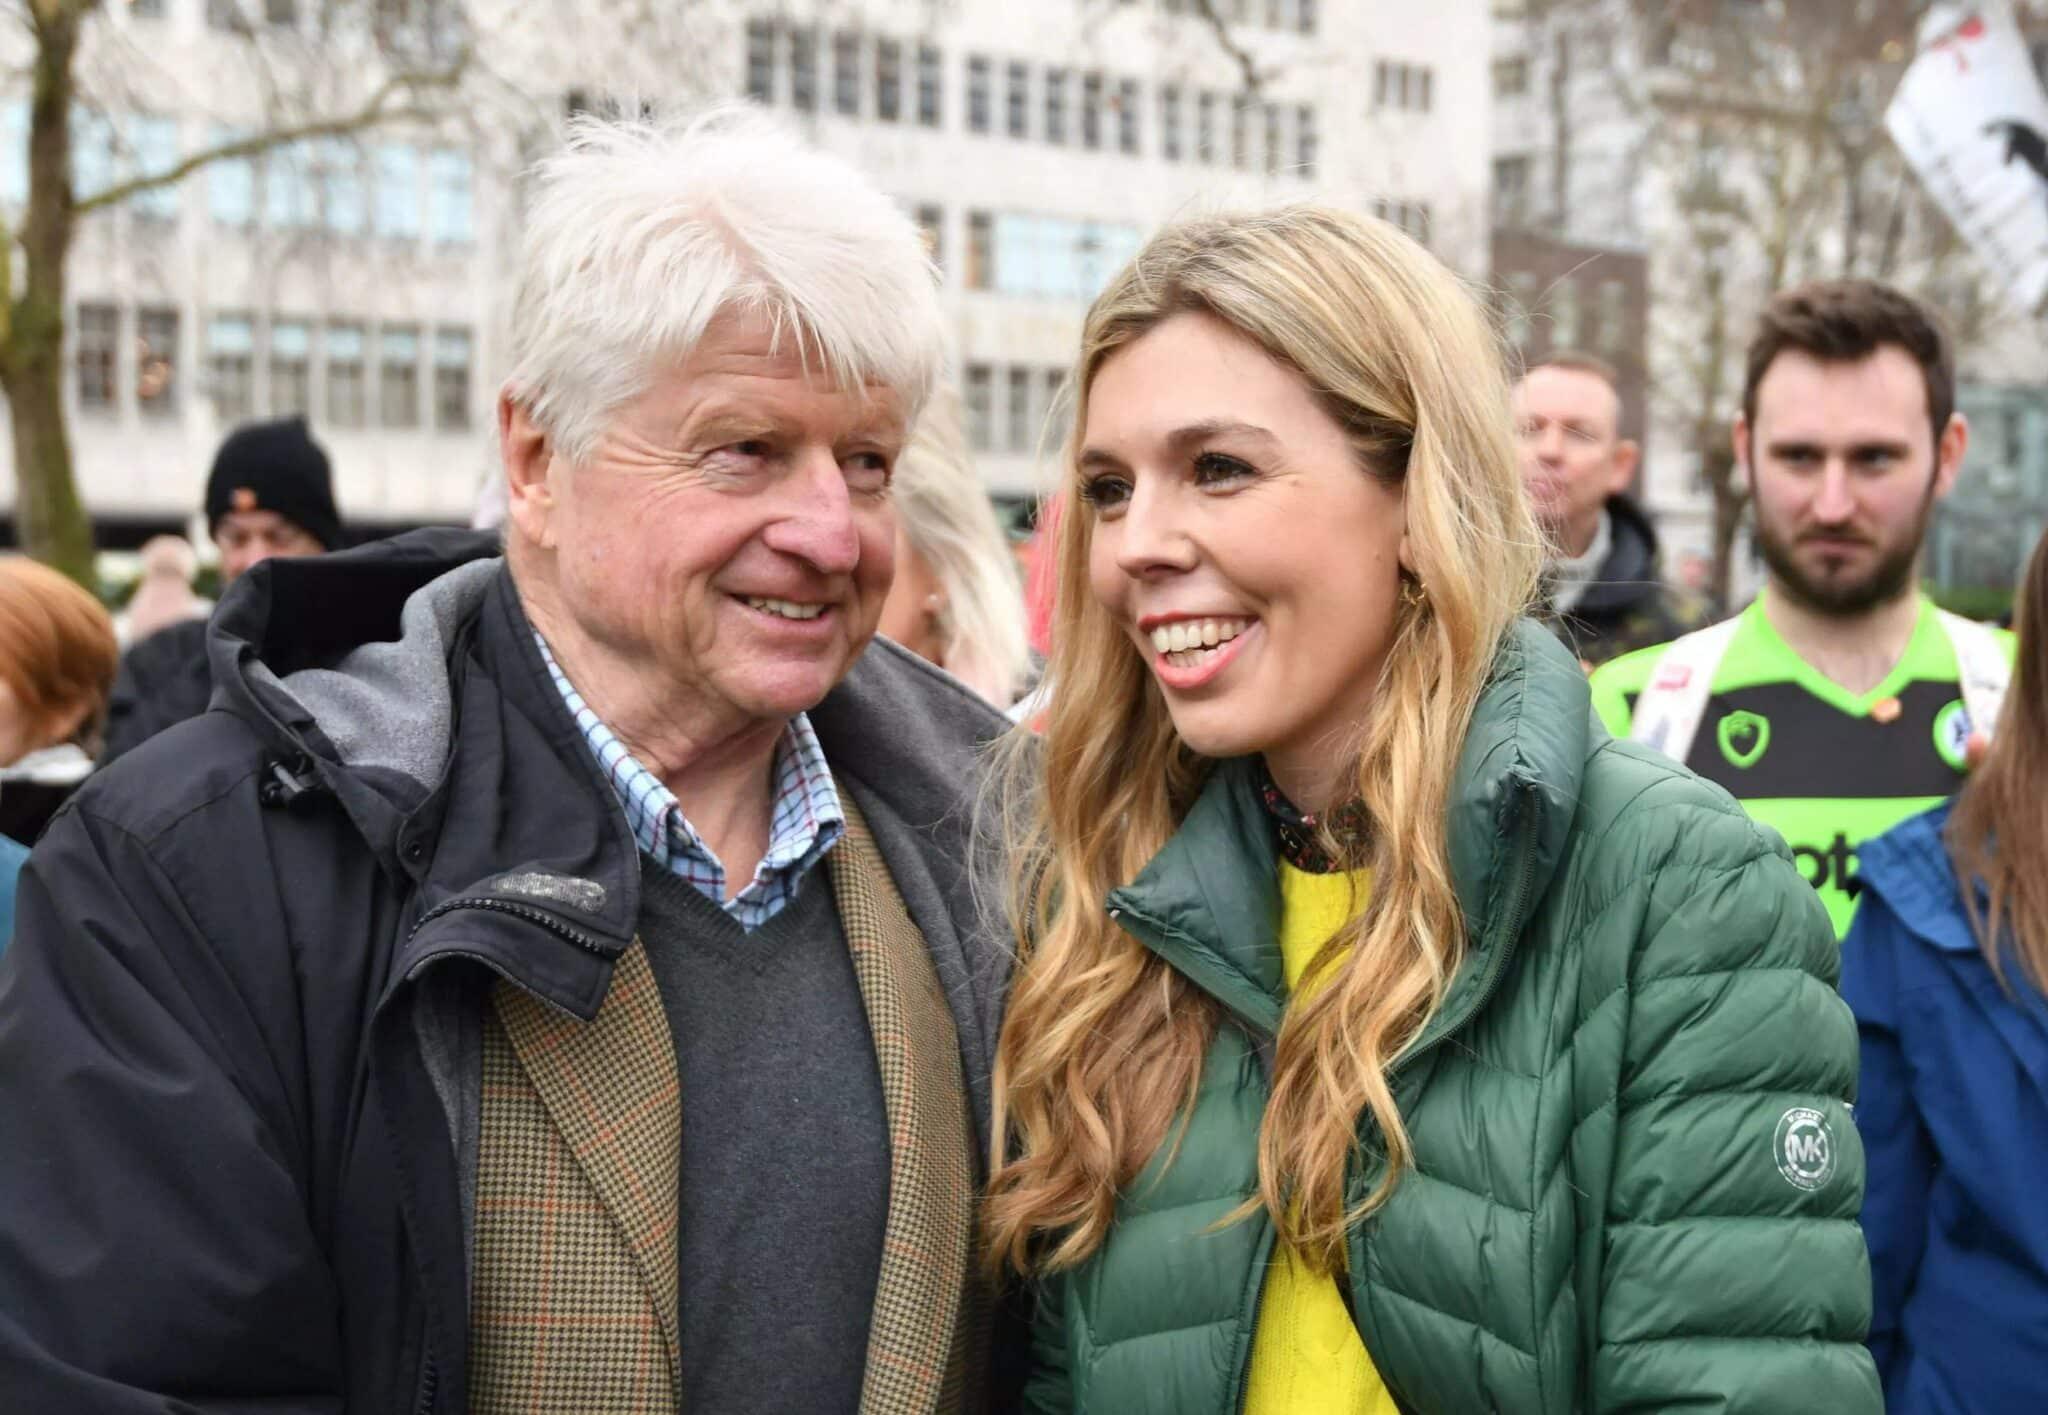 Борис Джонсон и его девушка Кэрри Саймондс: изнасилование в Лондоне и известные родители, что известно о девушке Бориса Джонсона